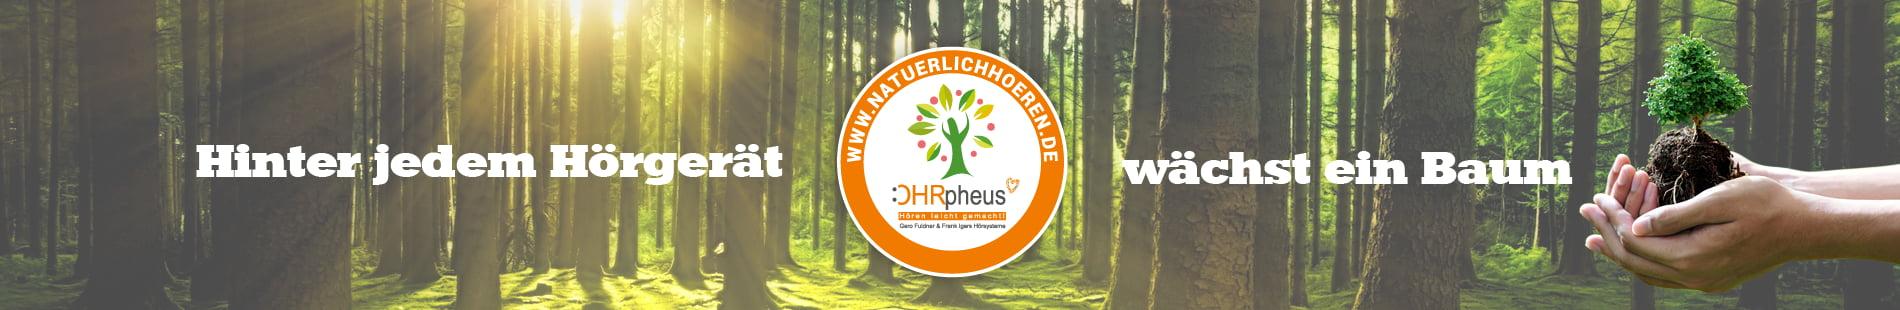 OHRpheus Umweltaktion Slider